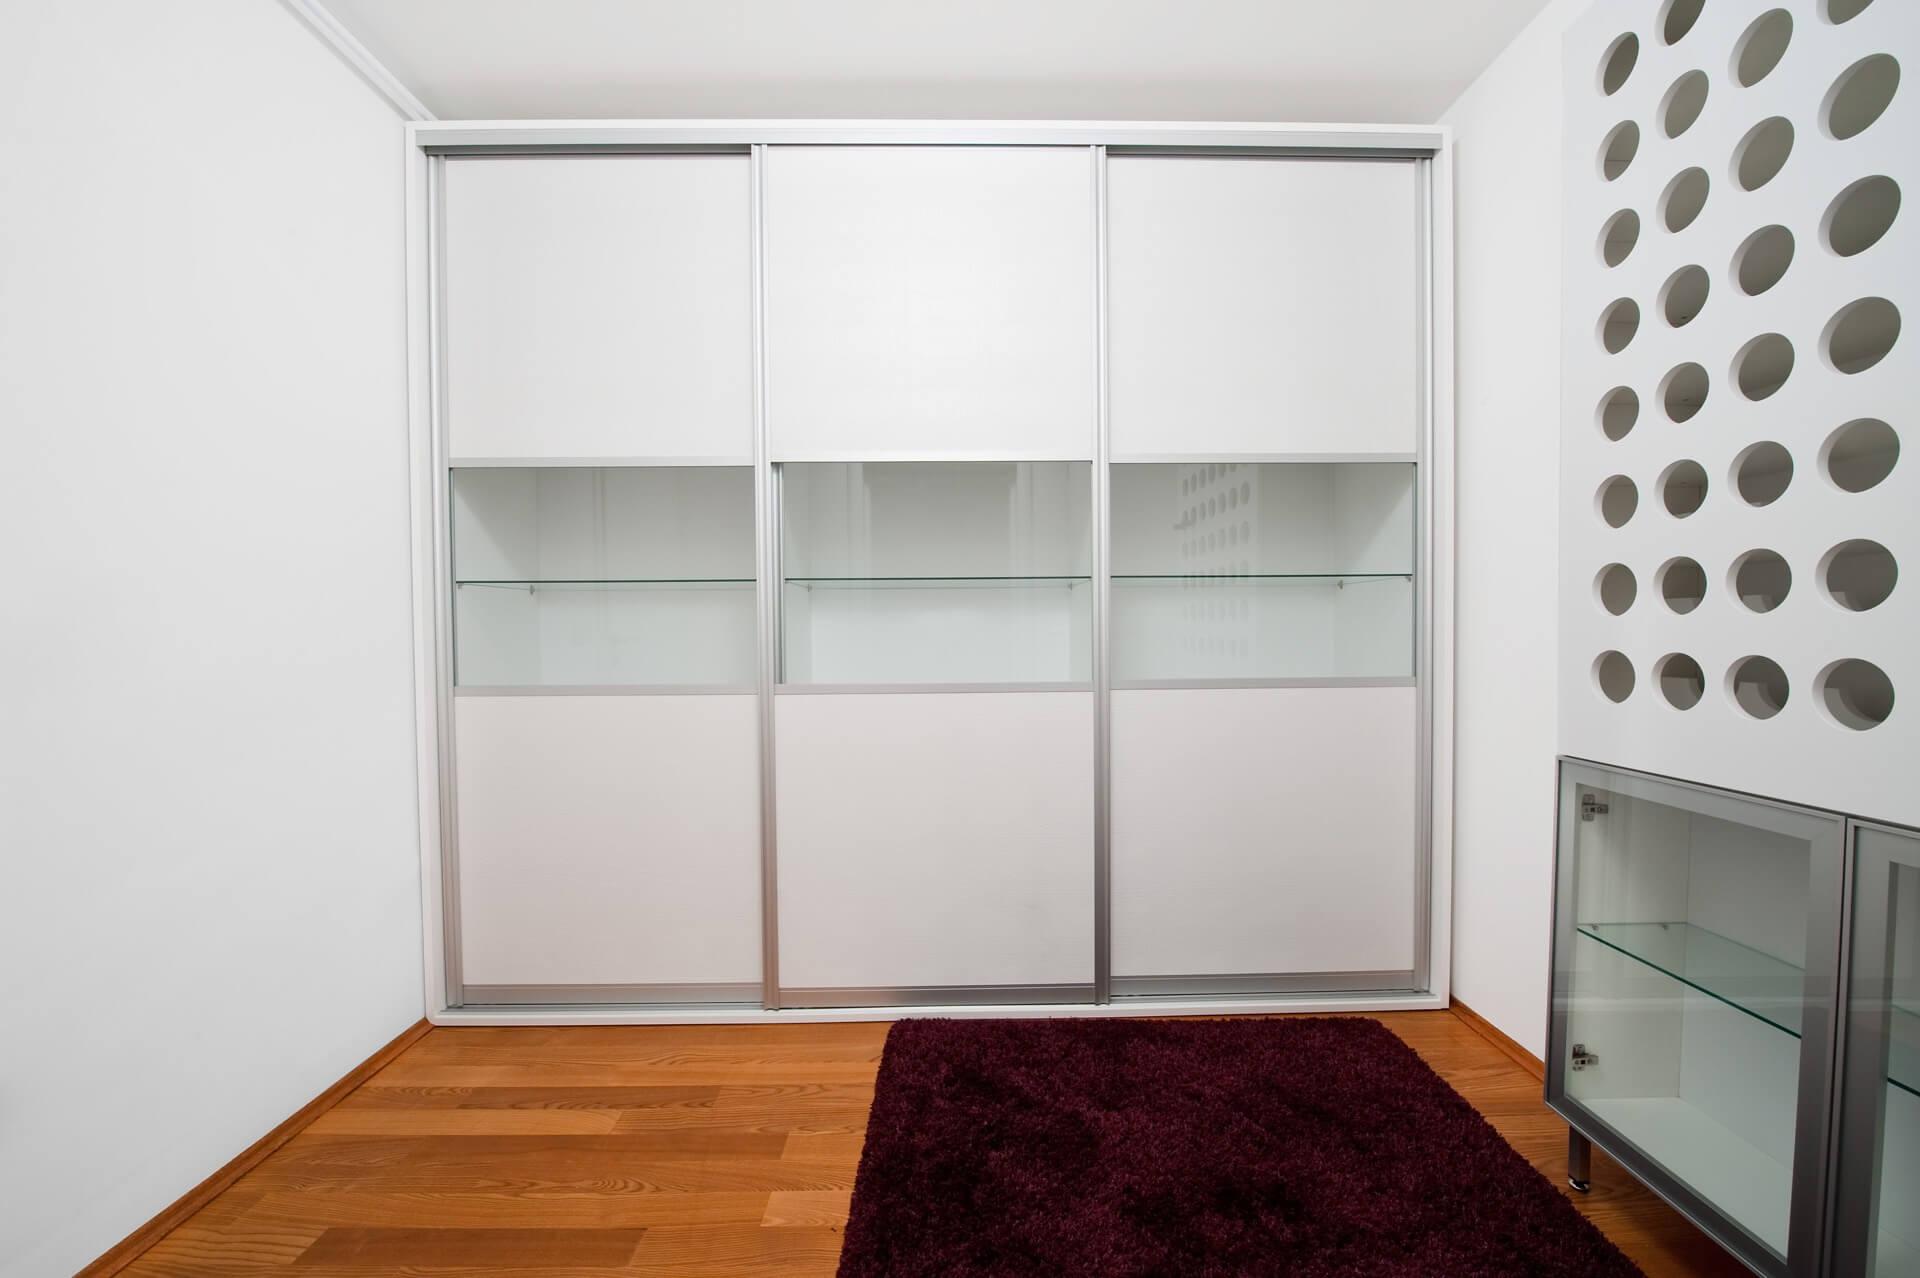 Встроенные шкафы - этапы проектирования и методы интеграции .